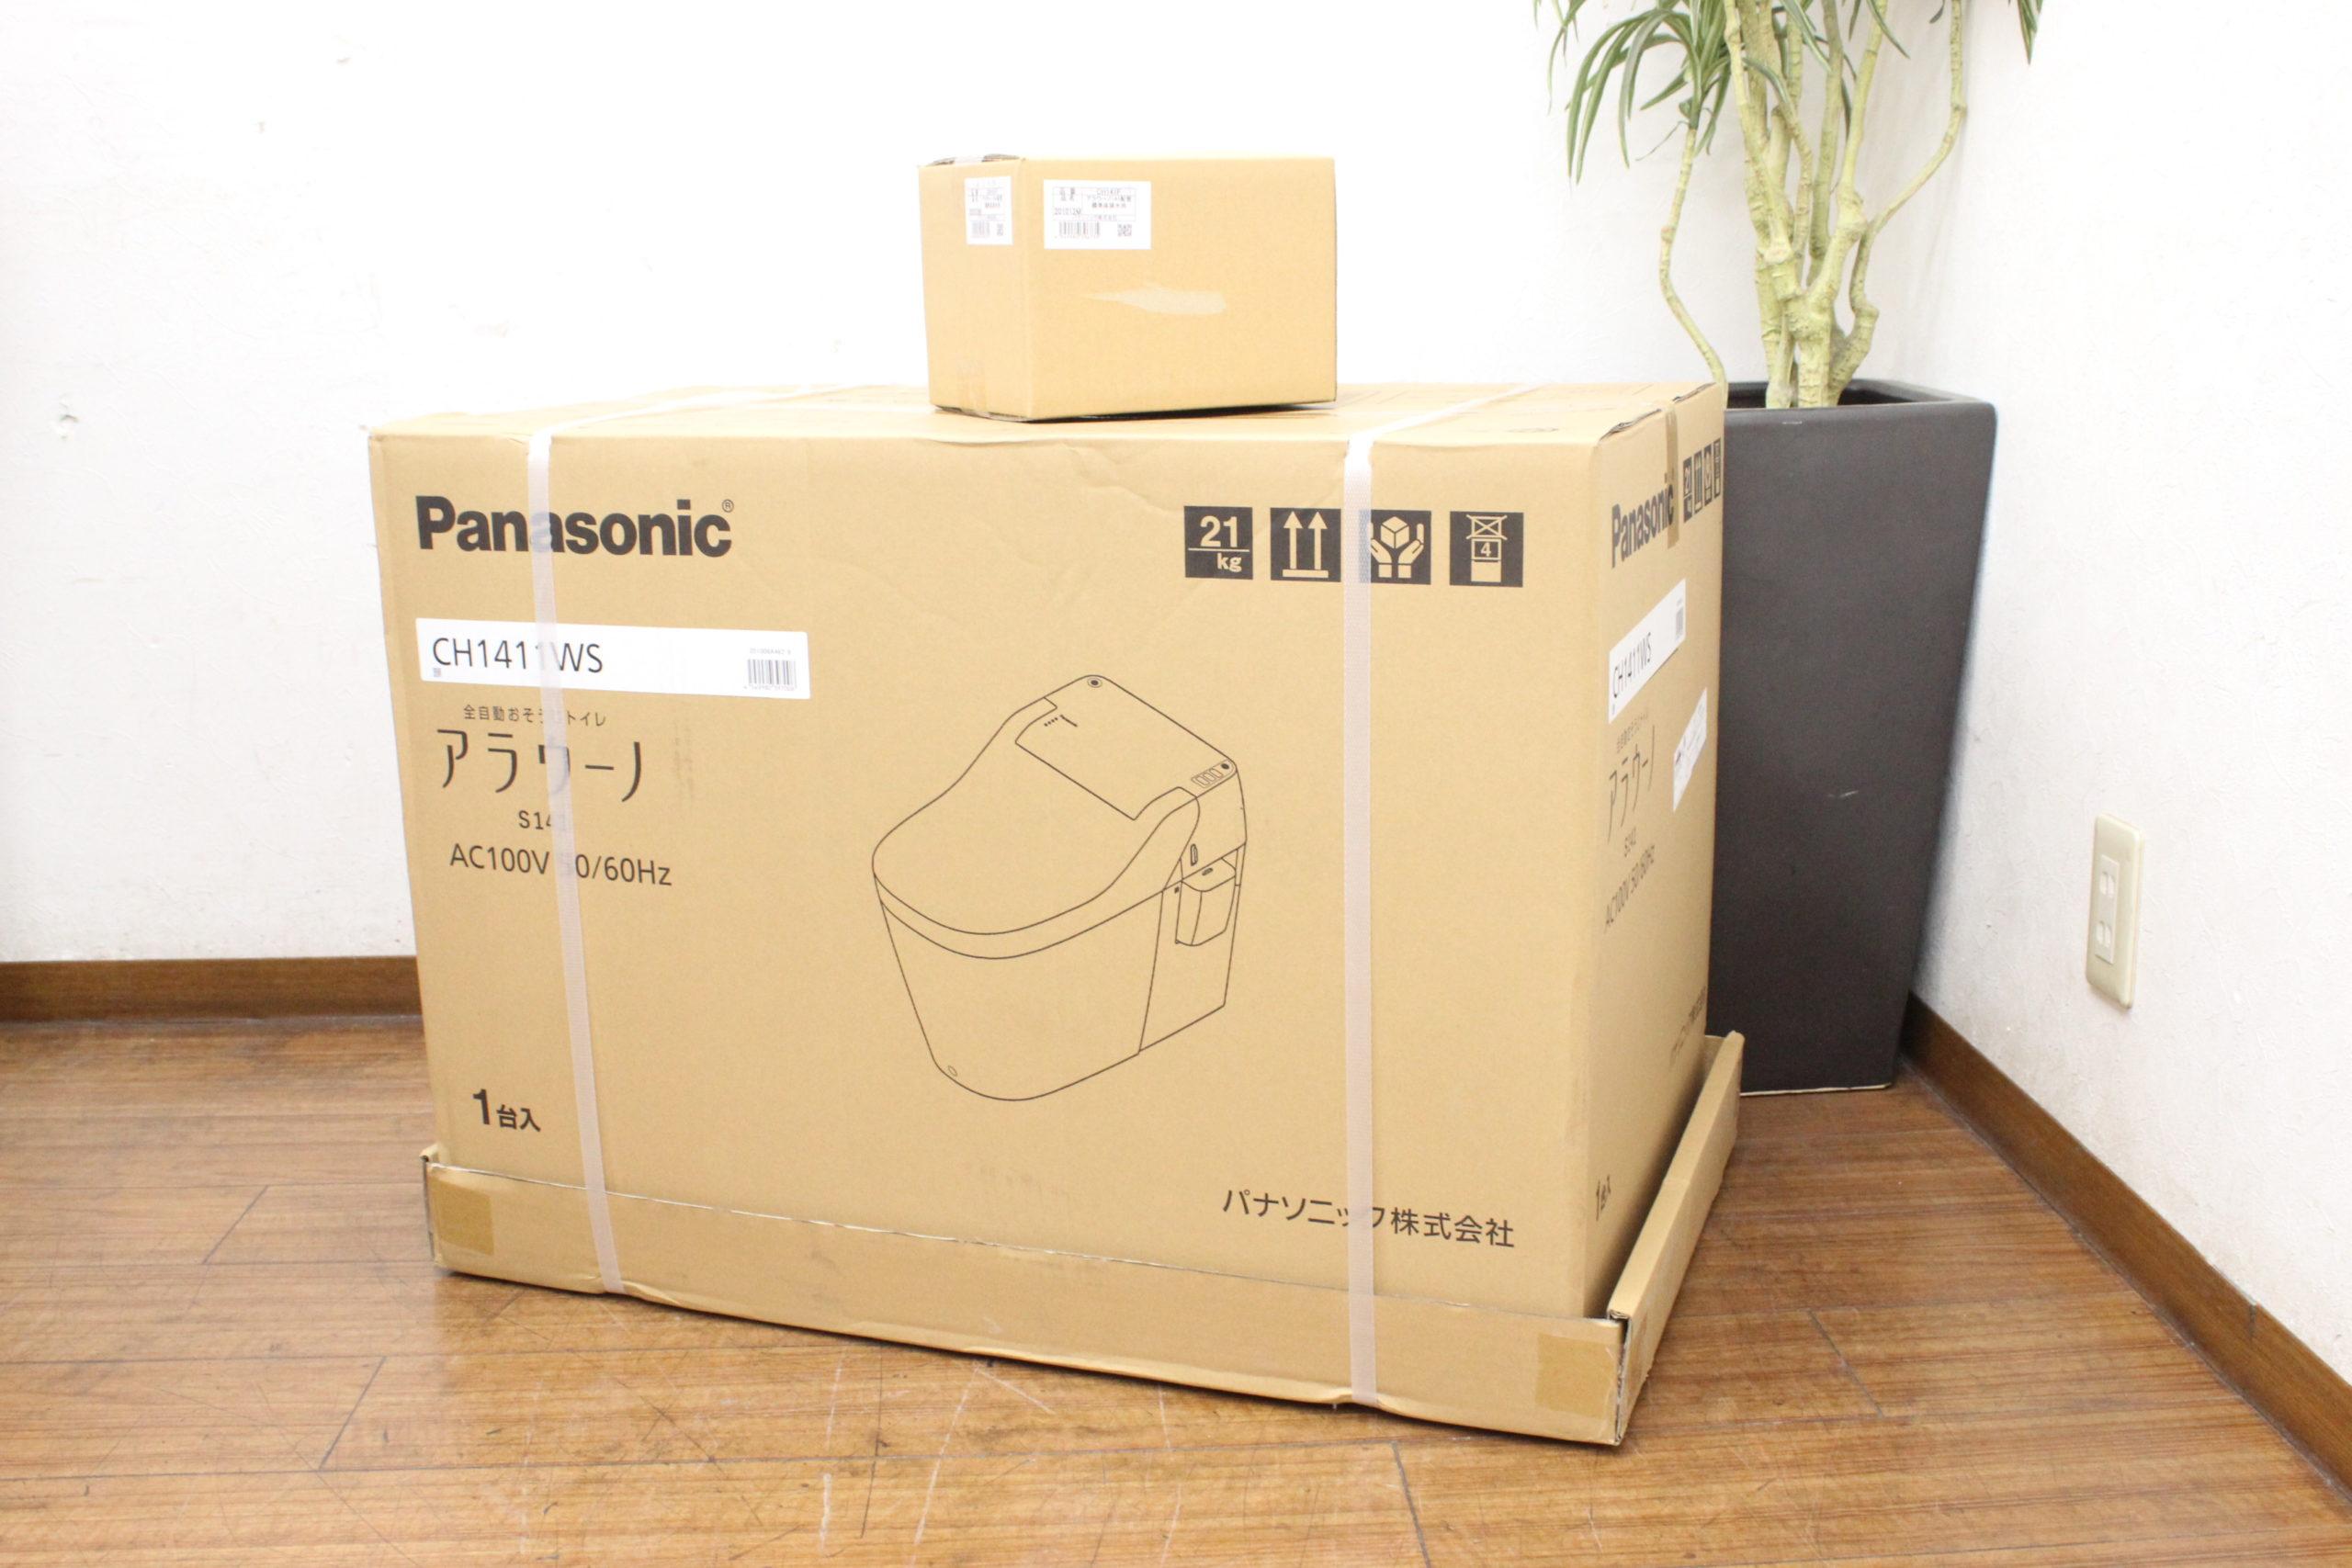 (福岡市西区)Panasonic アラウーノ CH1411WS CH141F 配管セット // 設備 建材 電材 買取致します!!の買取-